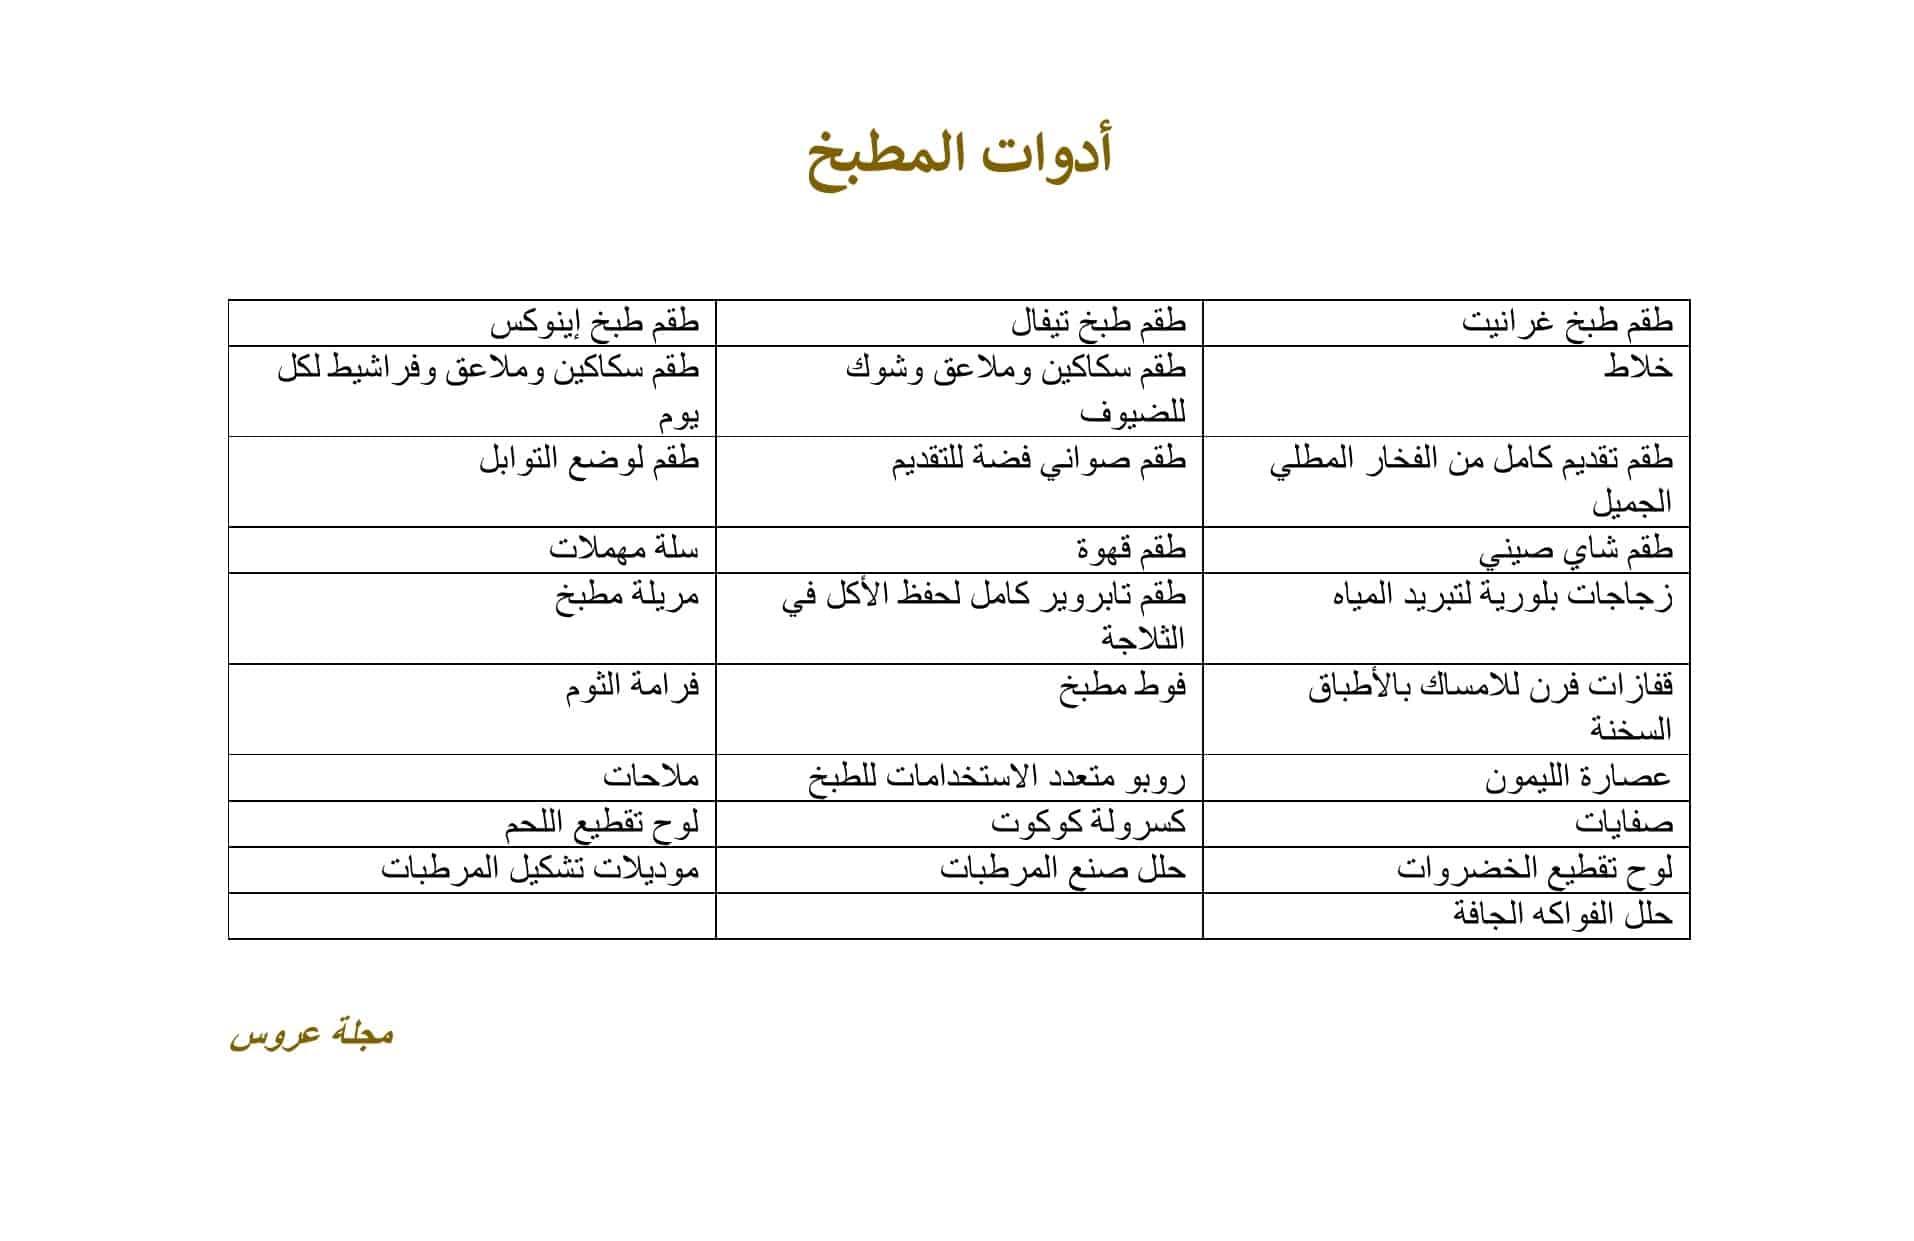 قائمة جهاز أدوات المطبخ للعروس